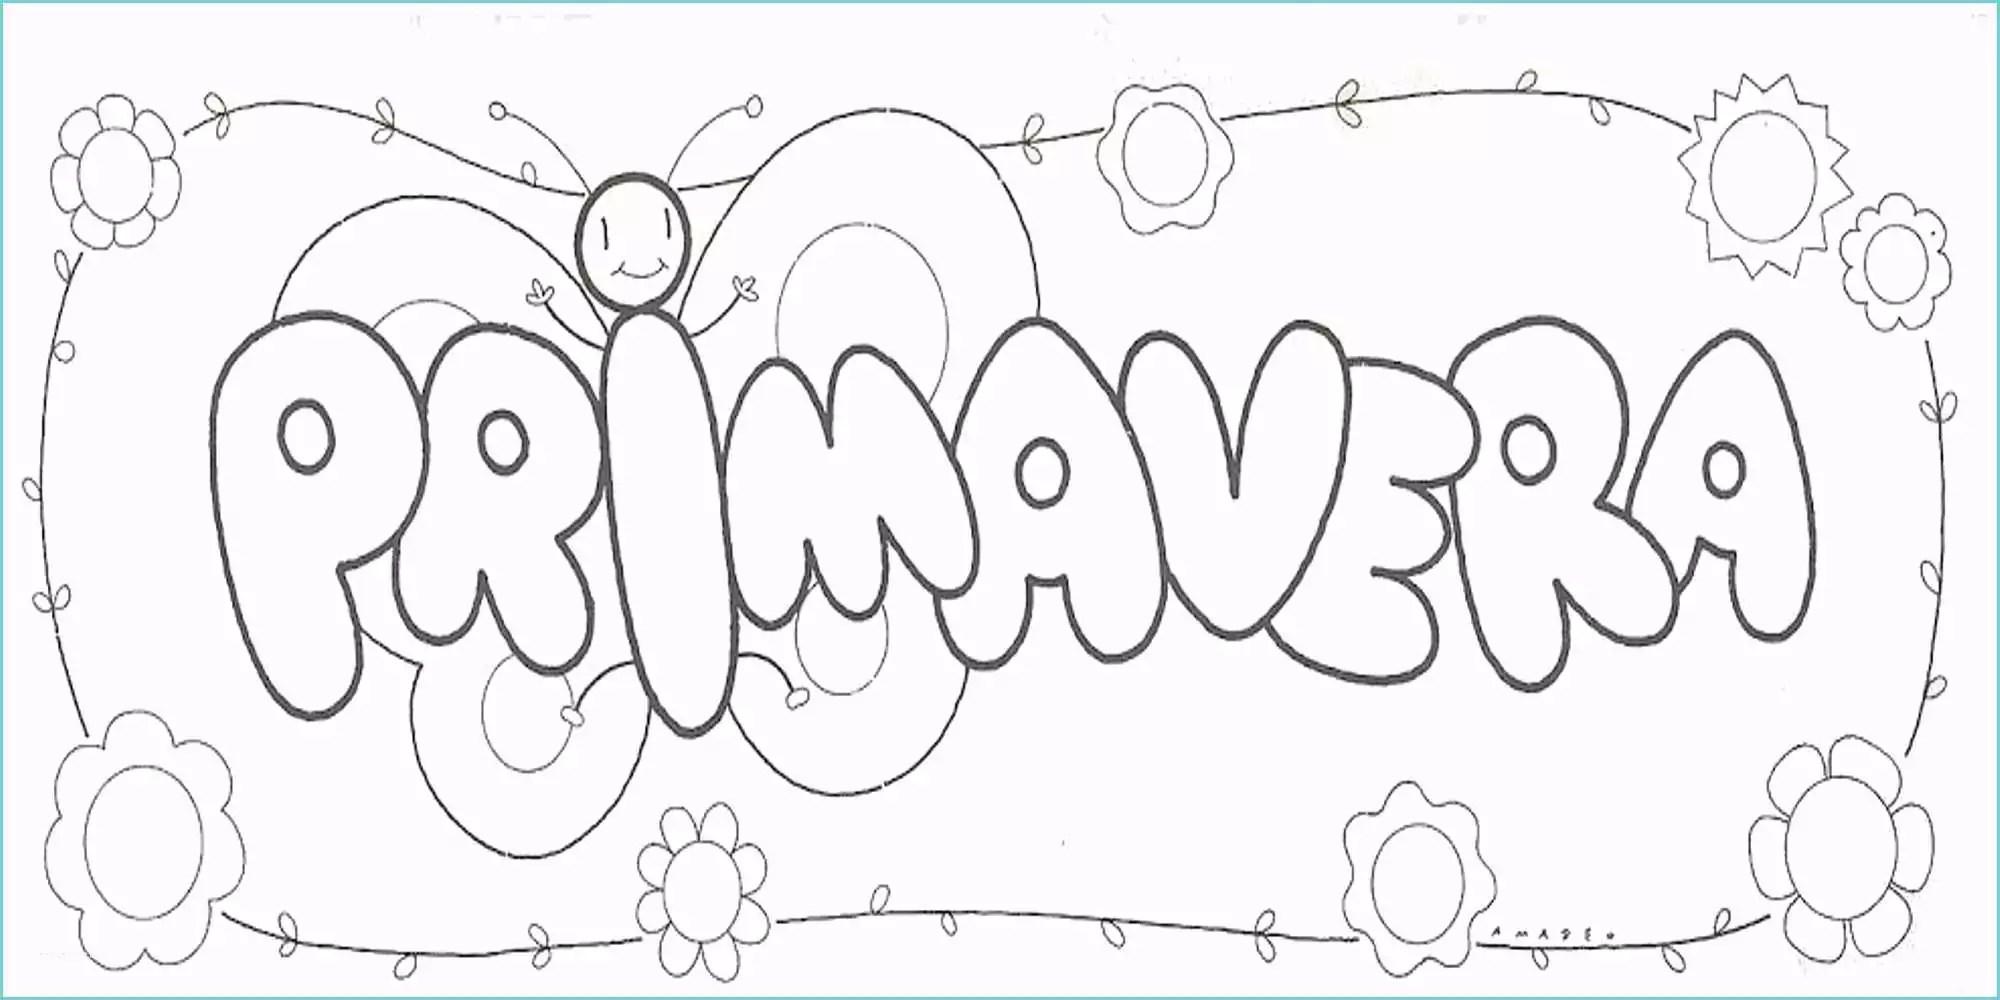 Primavera da colorare per bambini disegni da colorare for Immagini sulla primavera da stampare e colorare